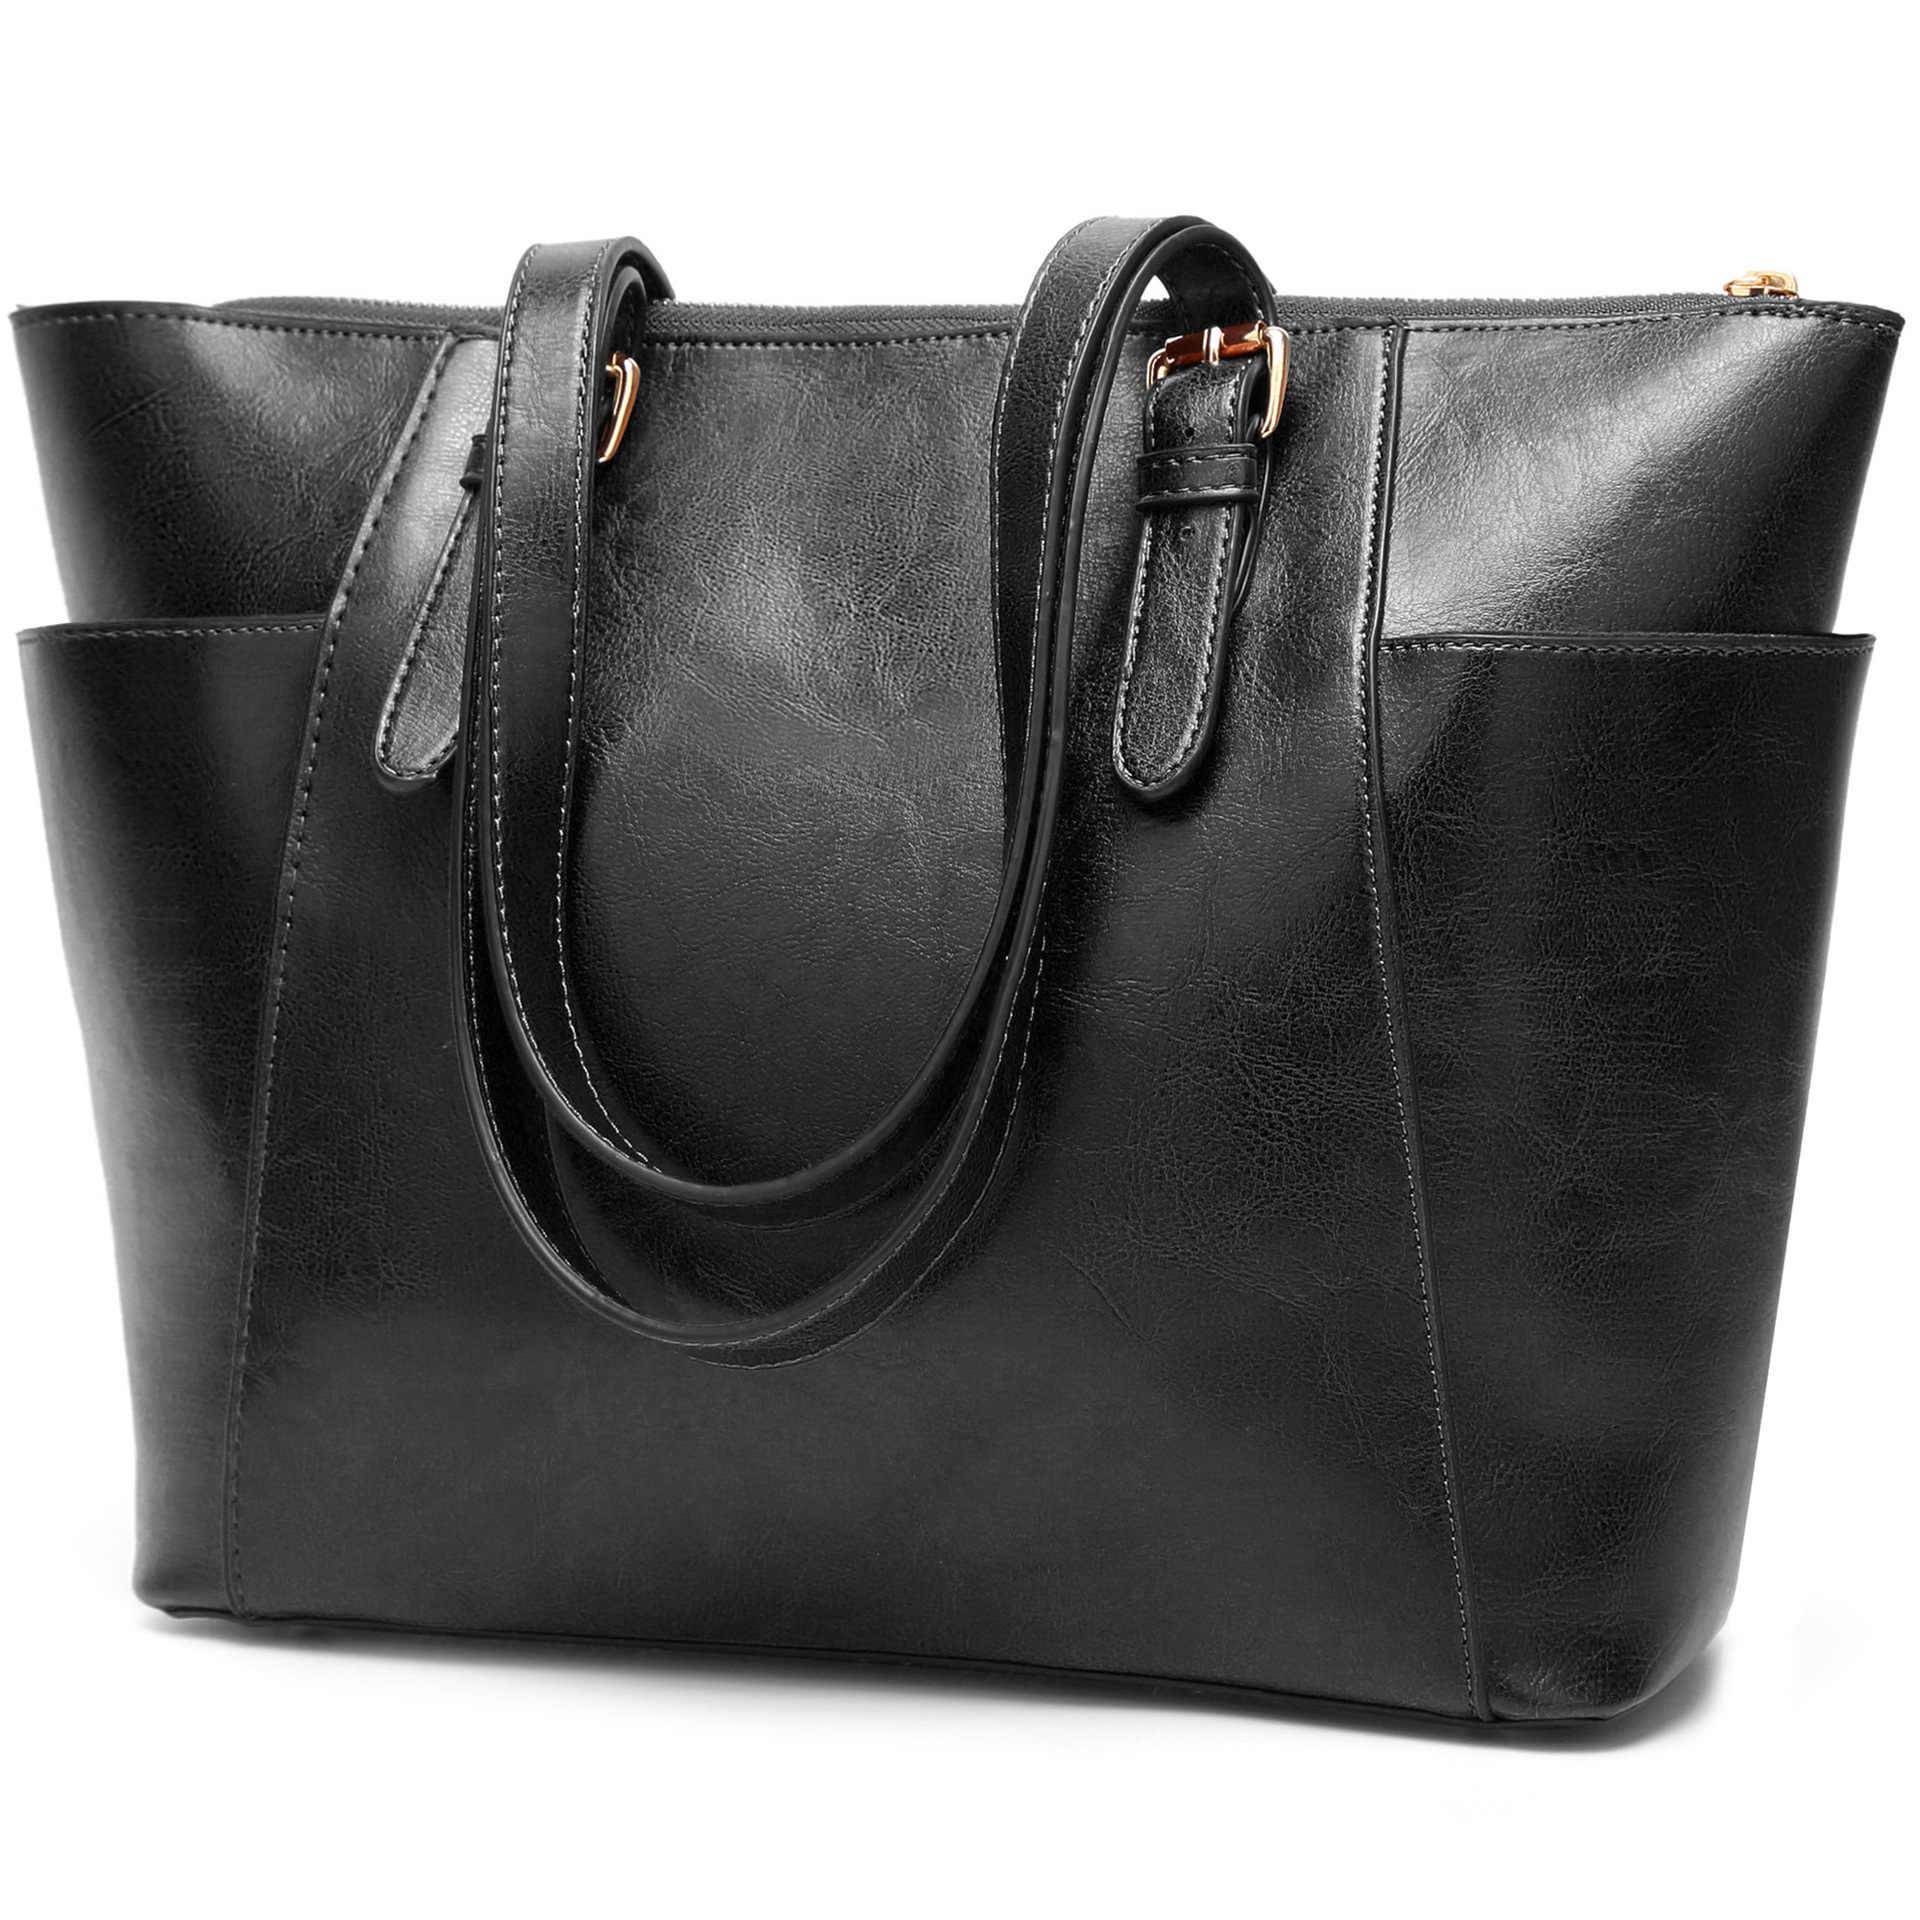 Кожаные вместительные сумки, роскошные сумки, женские сумки, дизайнерские сумки, высокое качество, сумки через плечо для женщин, сумка на плечо, сумка для основной сумки N412